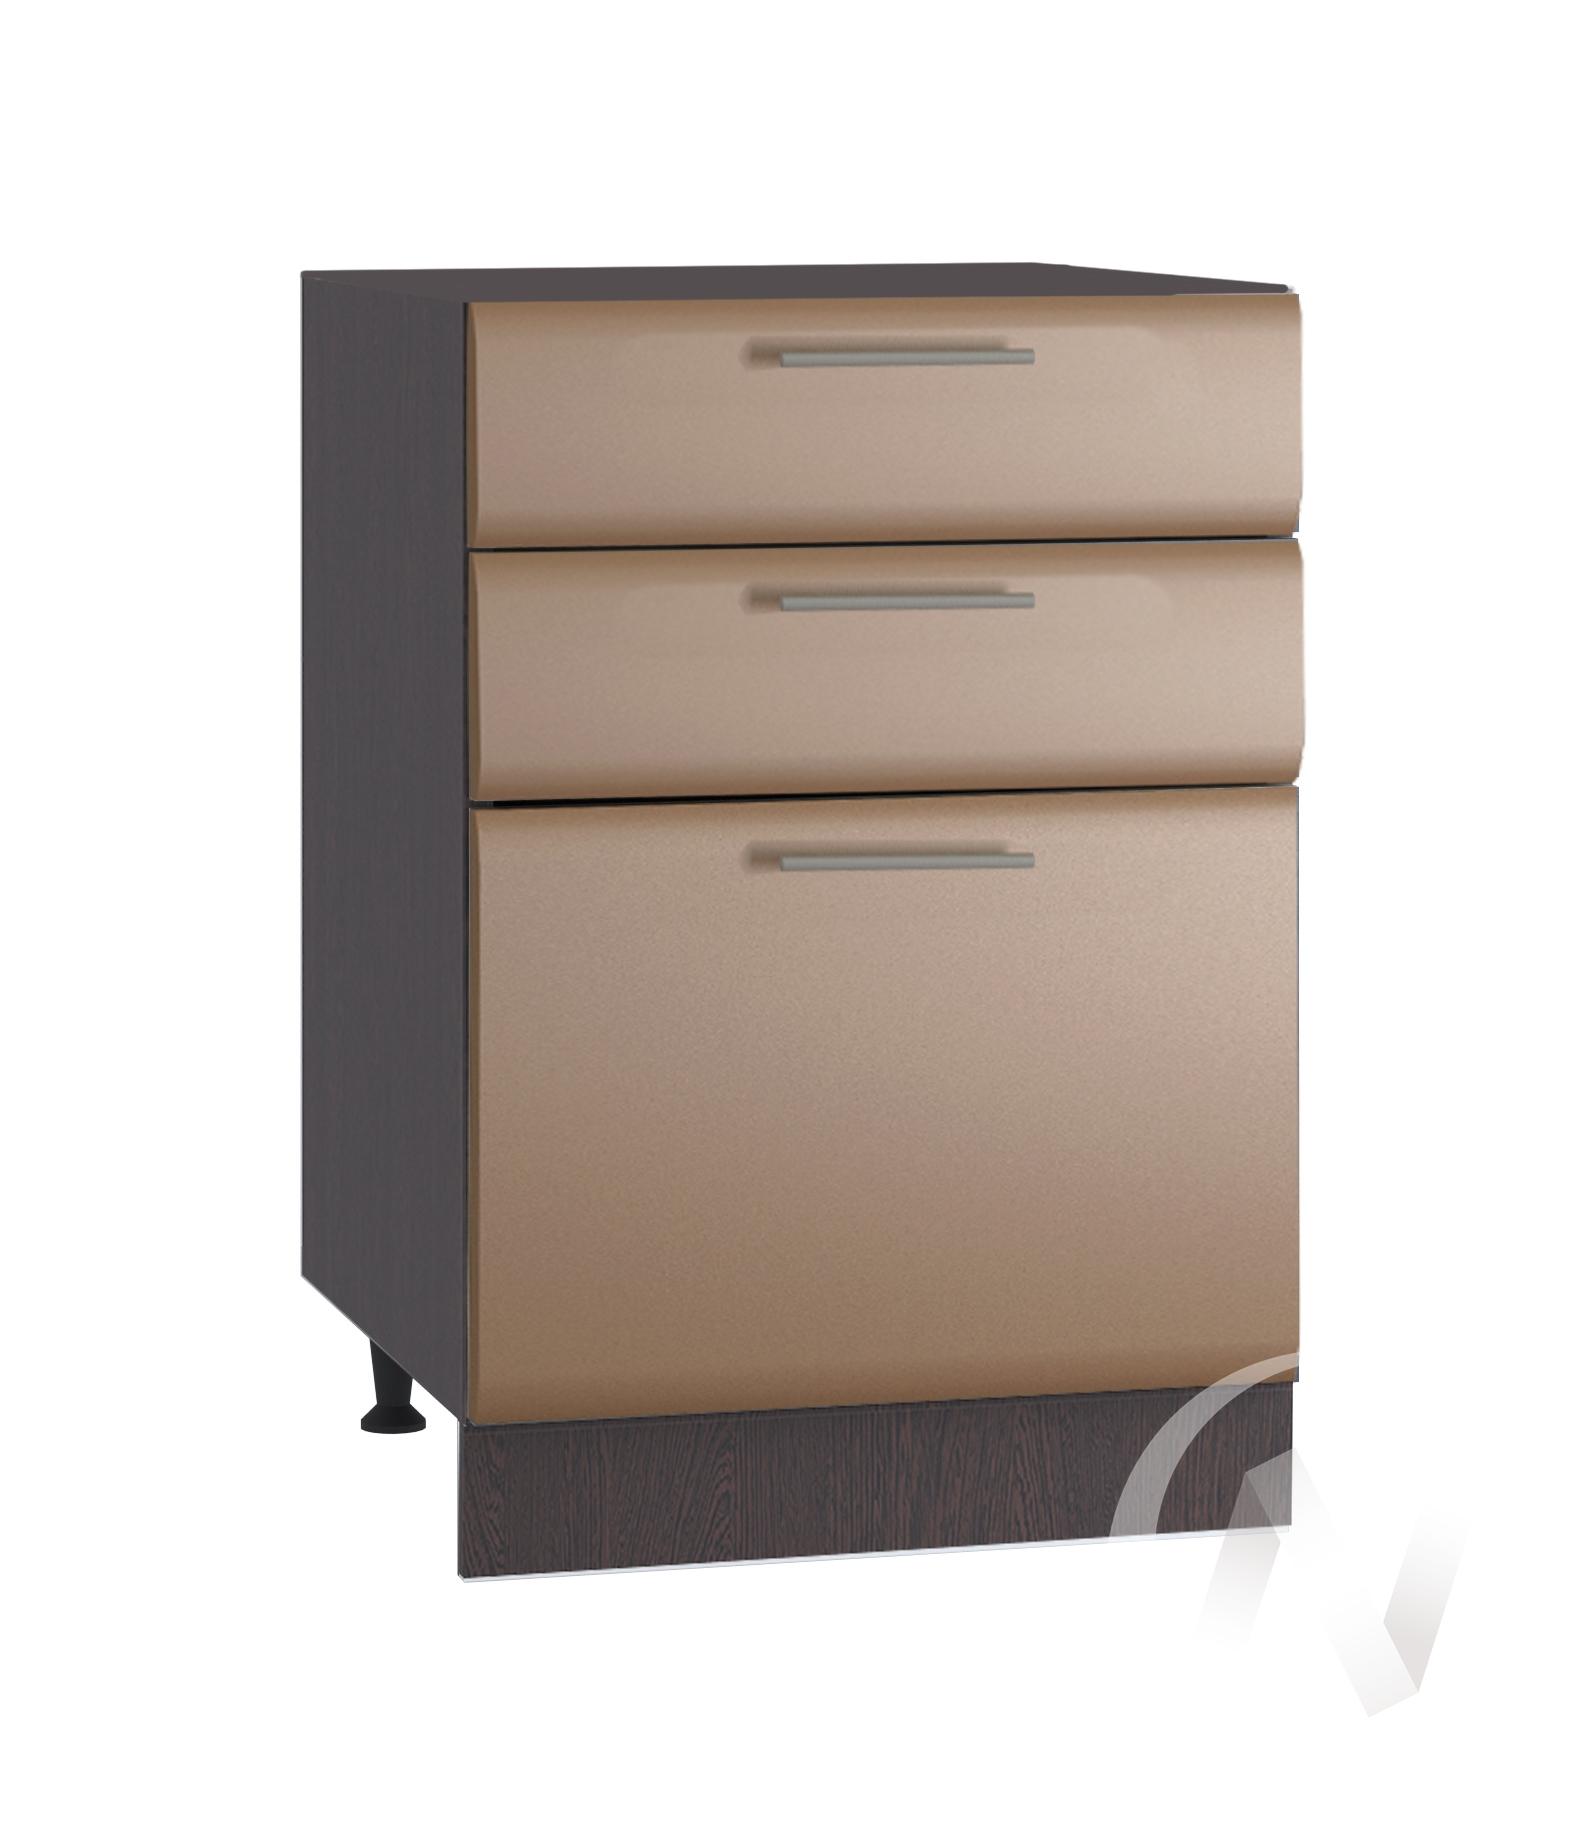 """Кухня """"Люкс"""": Шкаф нижний с 3-мя ящиками 500, ШН3Я 500 (Шоколад матовый/корпус венге)"""